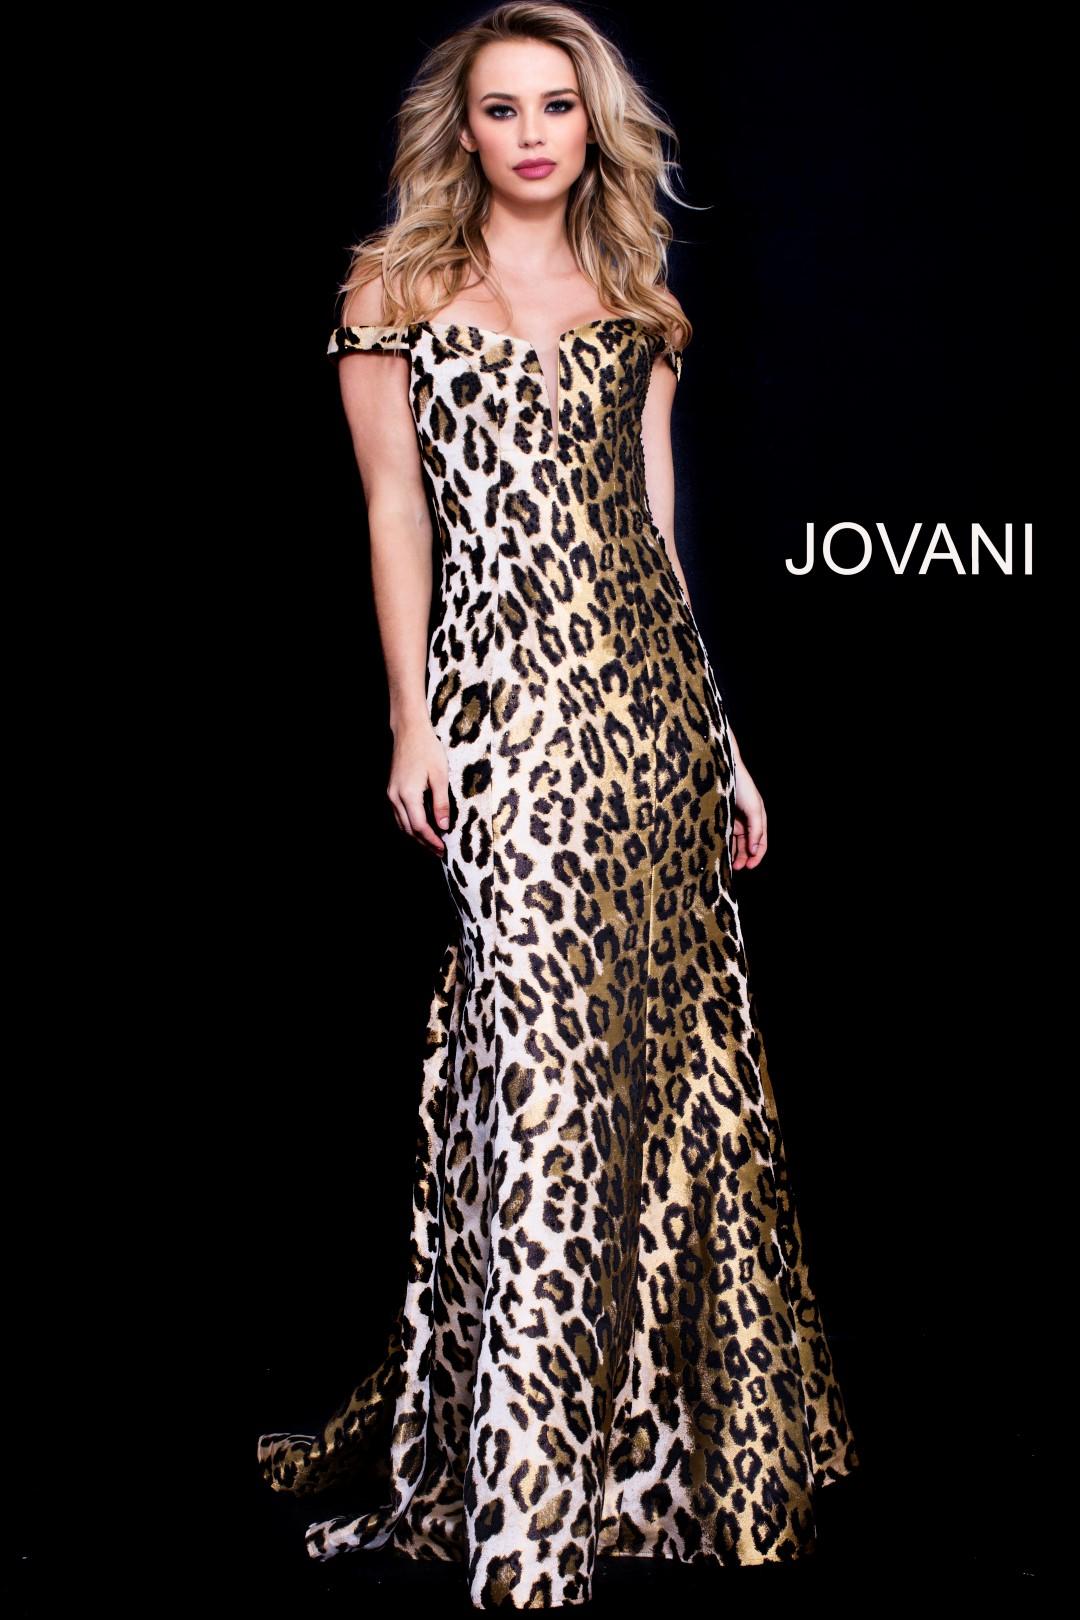 556c38781a JOVANI 57688 LEOPARD PRINT